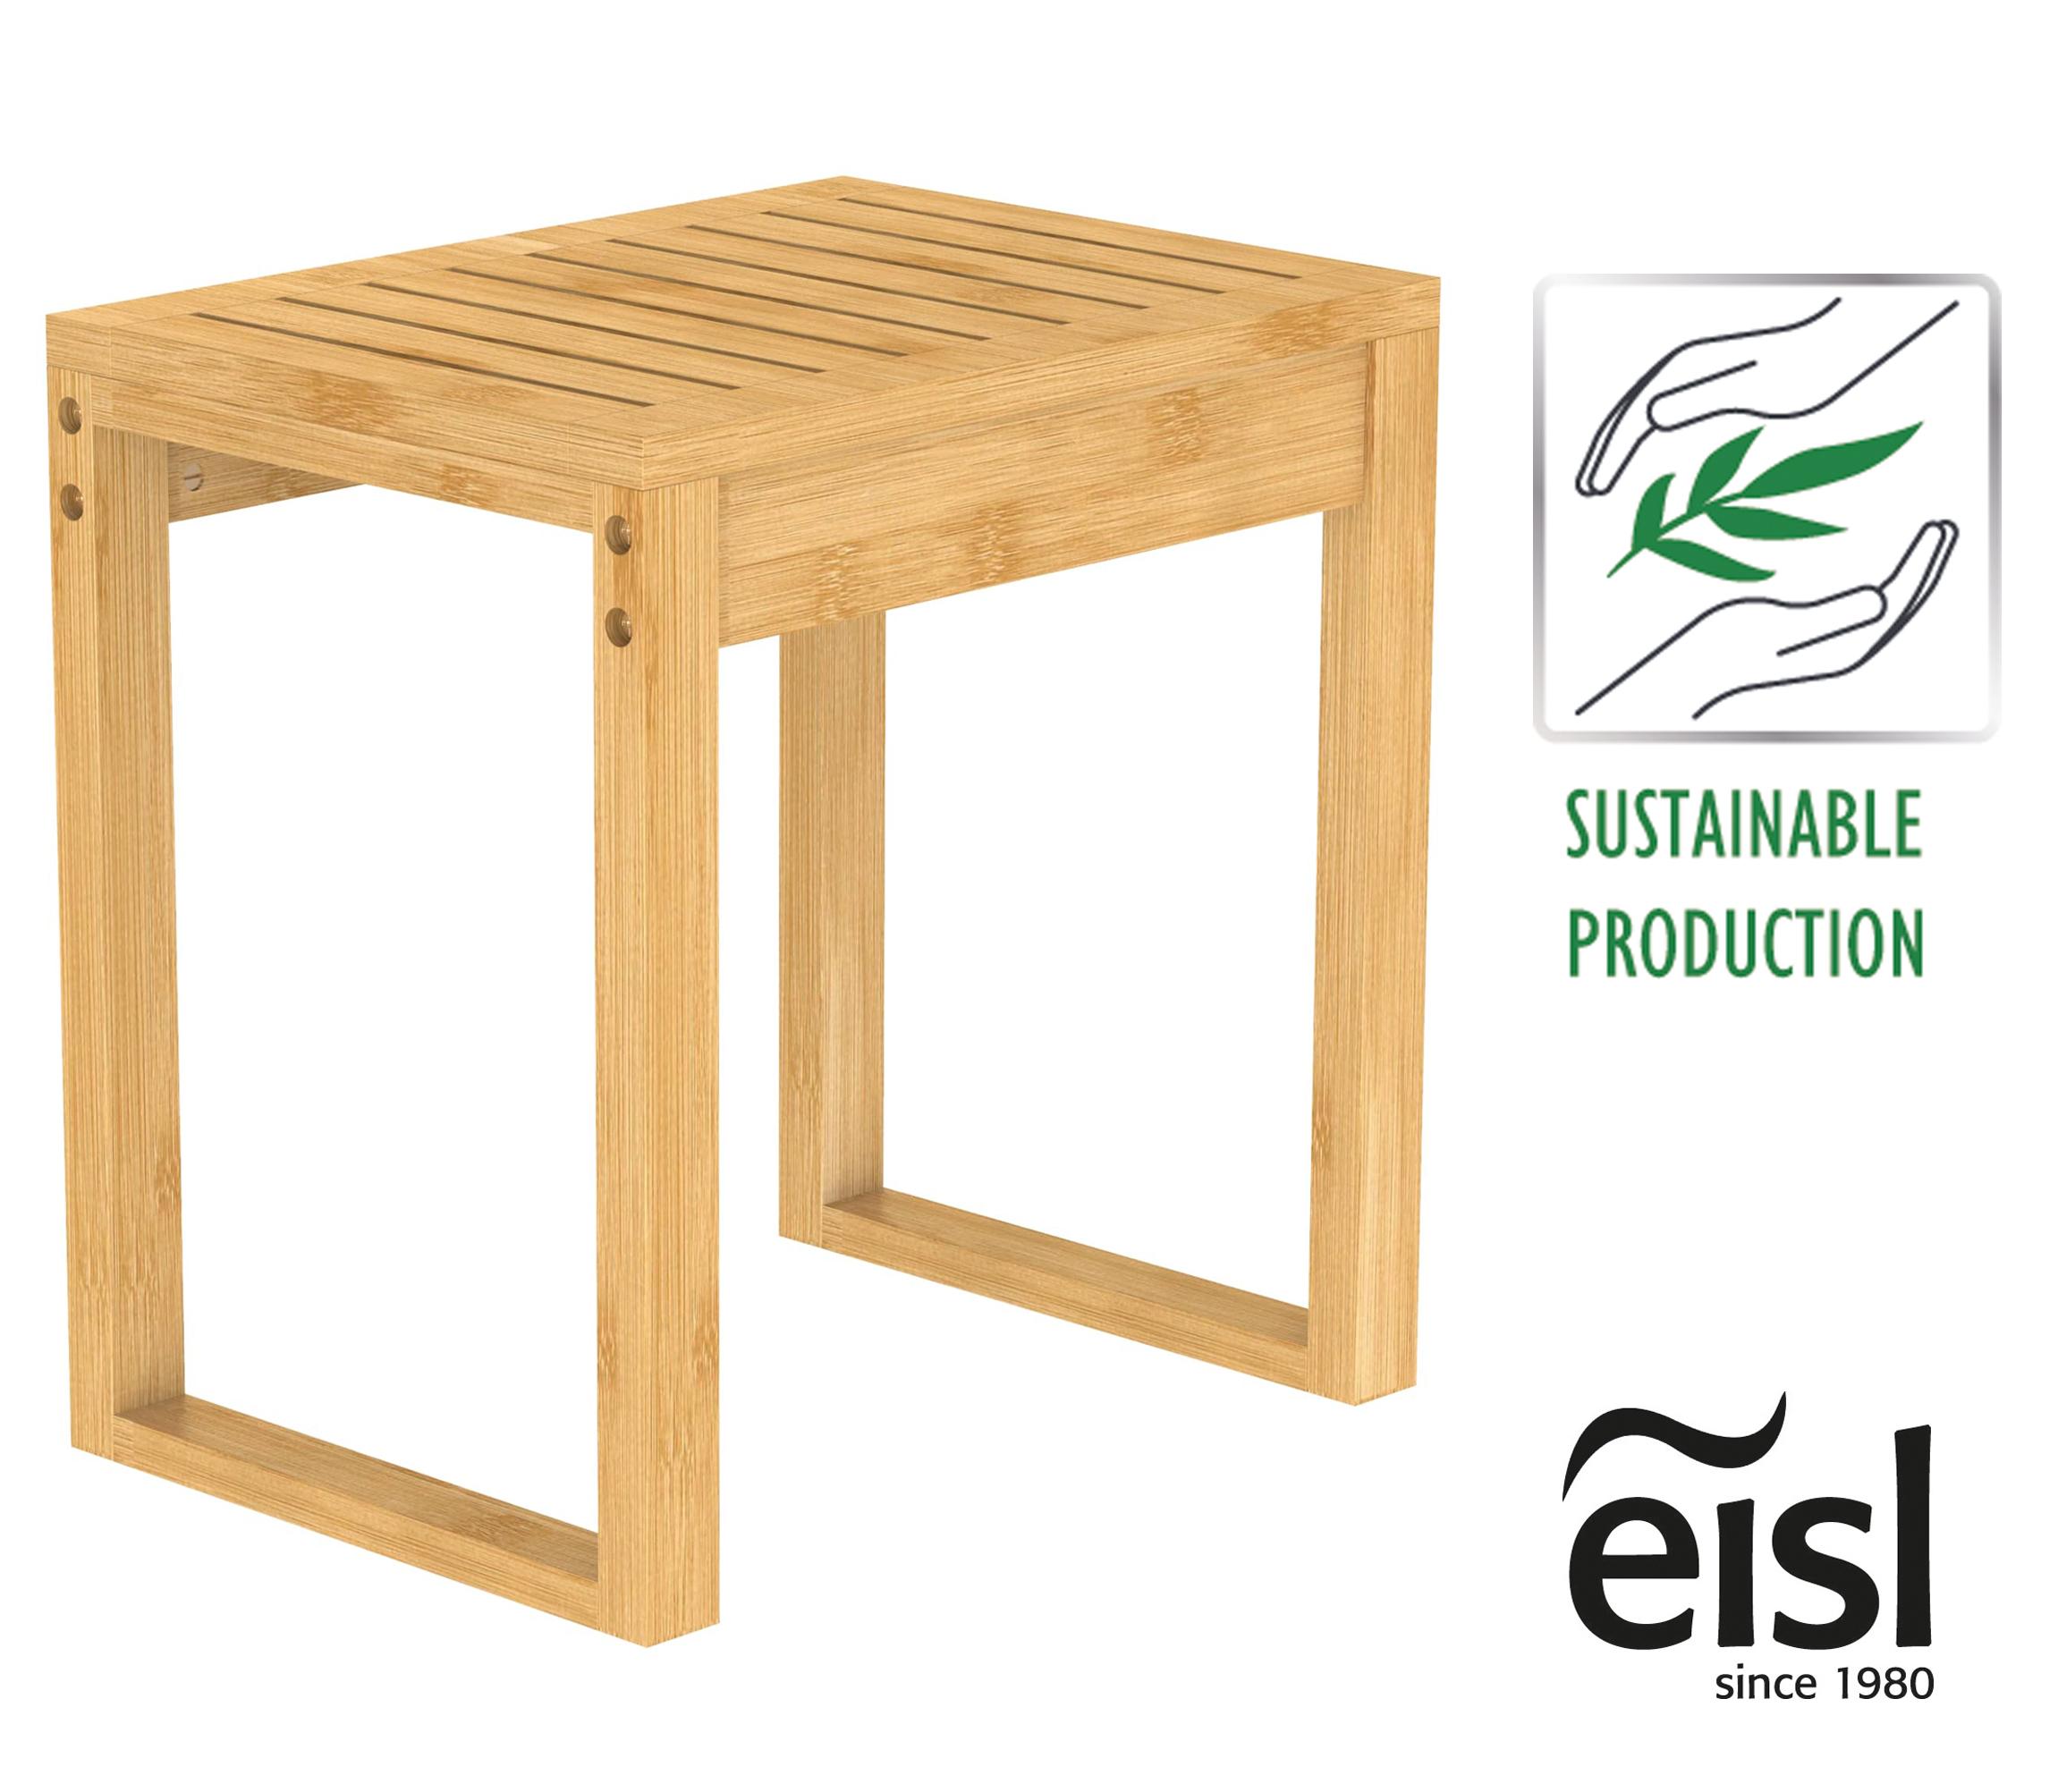 EISL Badezimmer Hocker Bambus, kleiner Hocker, nachhaltige Badmöbel Bambus,  Pflanzenhocker Holz